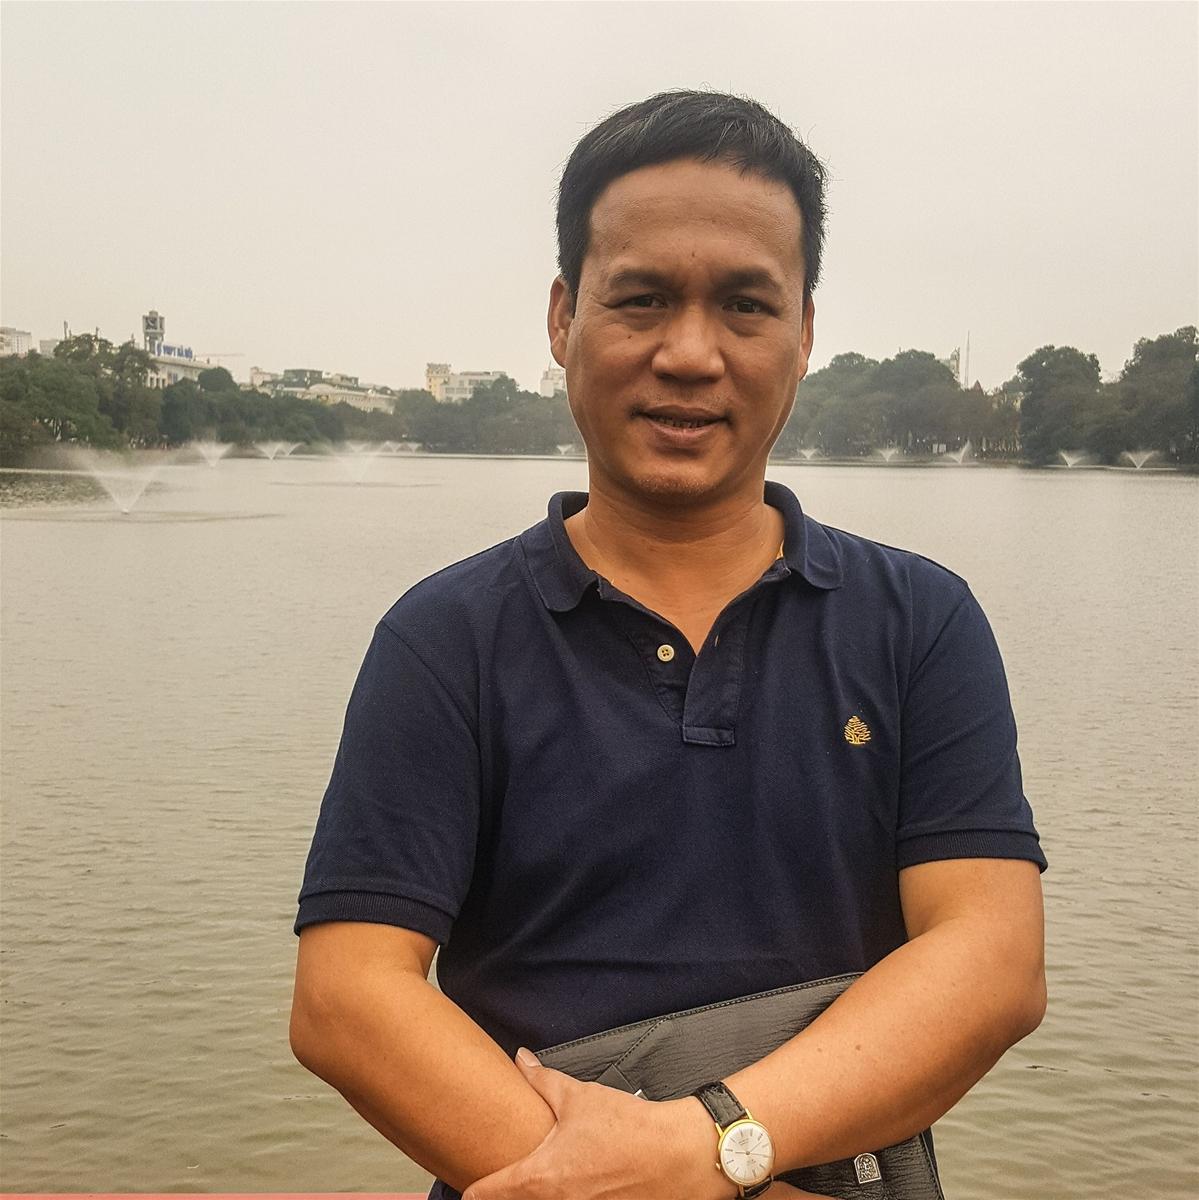 <p>NSUT Nguyễn Hoàng Bảo Khánh</p>  <p>Phó trưởng đoàn Diễn viên I</p>